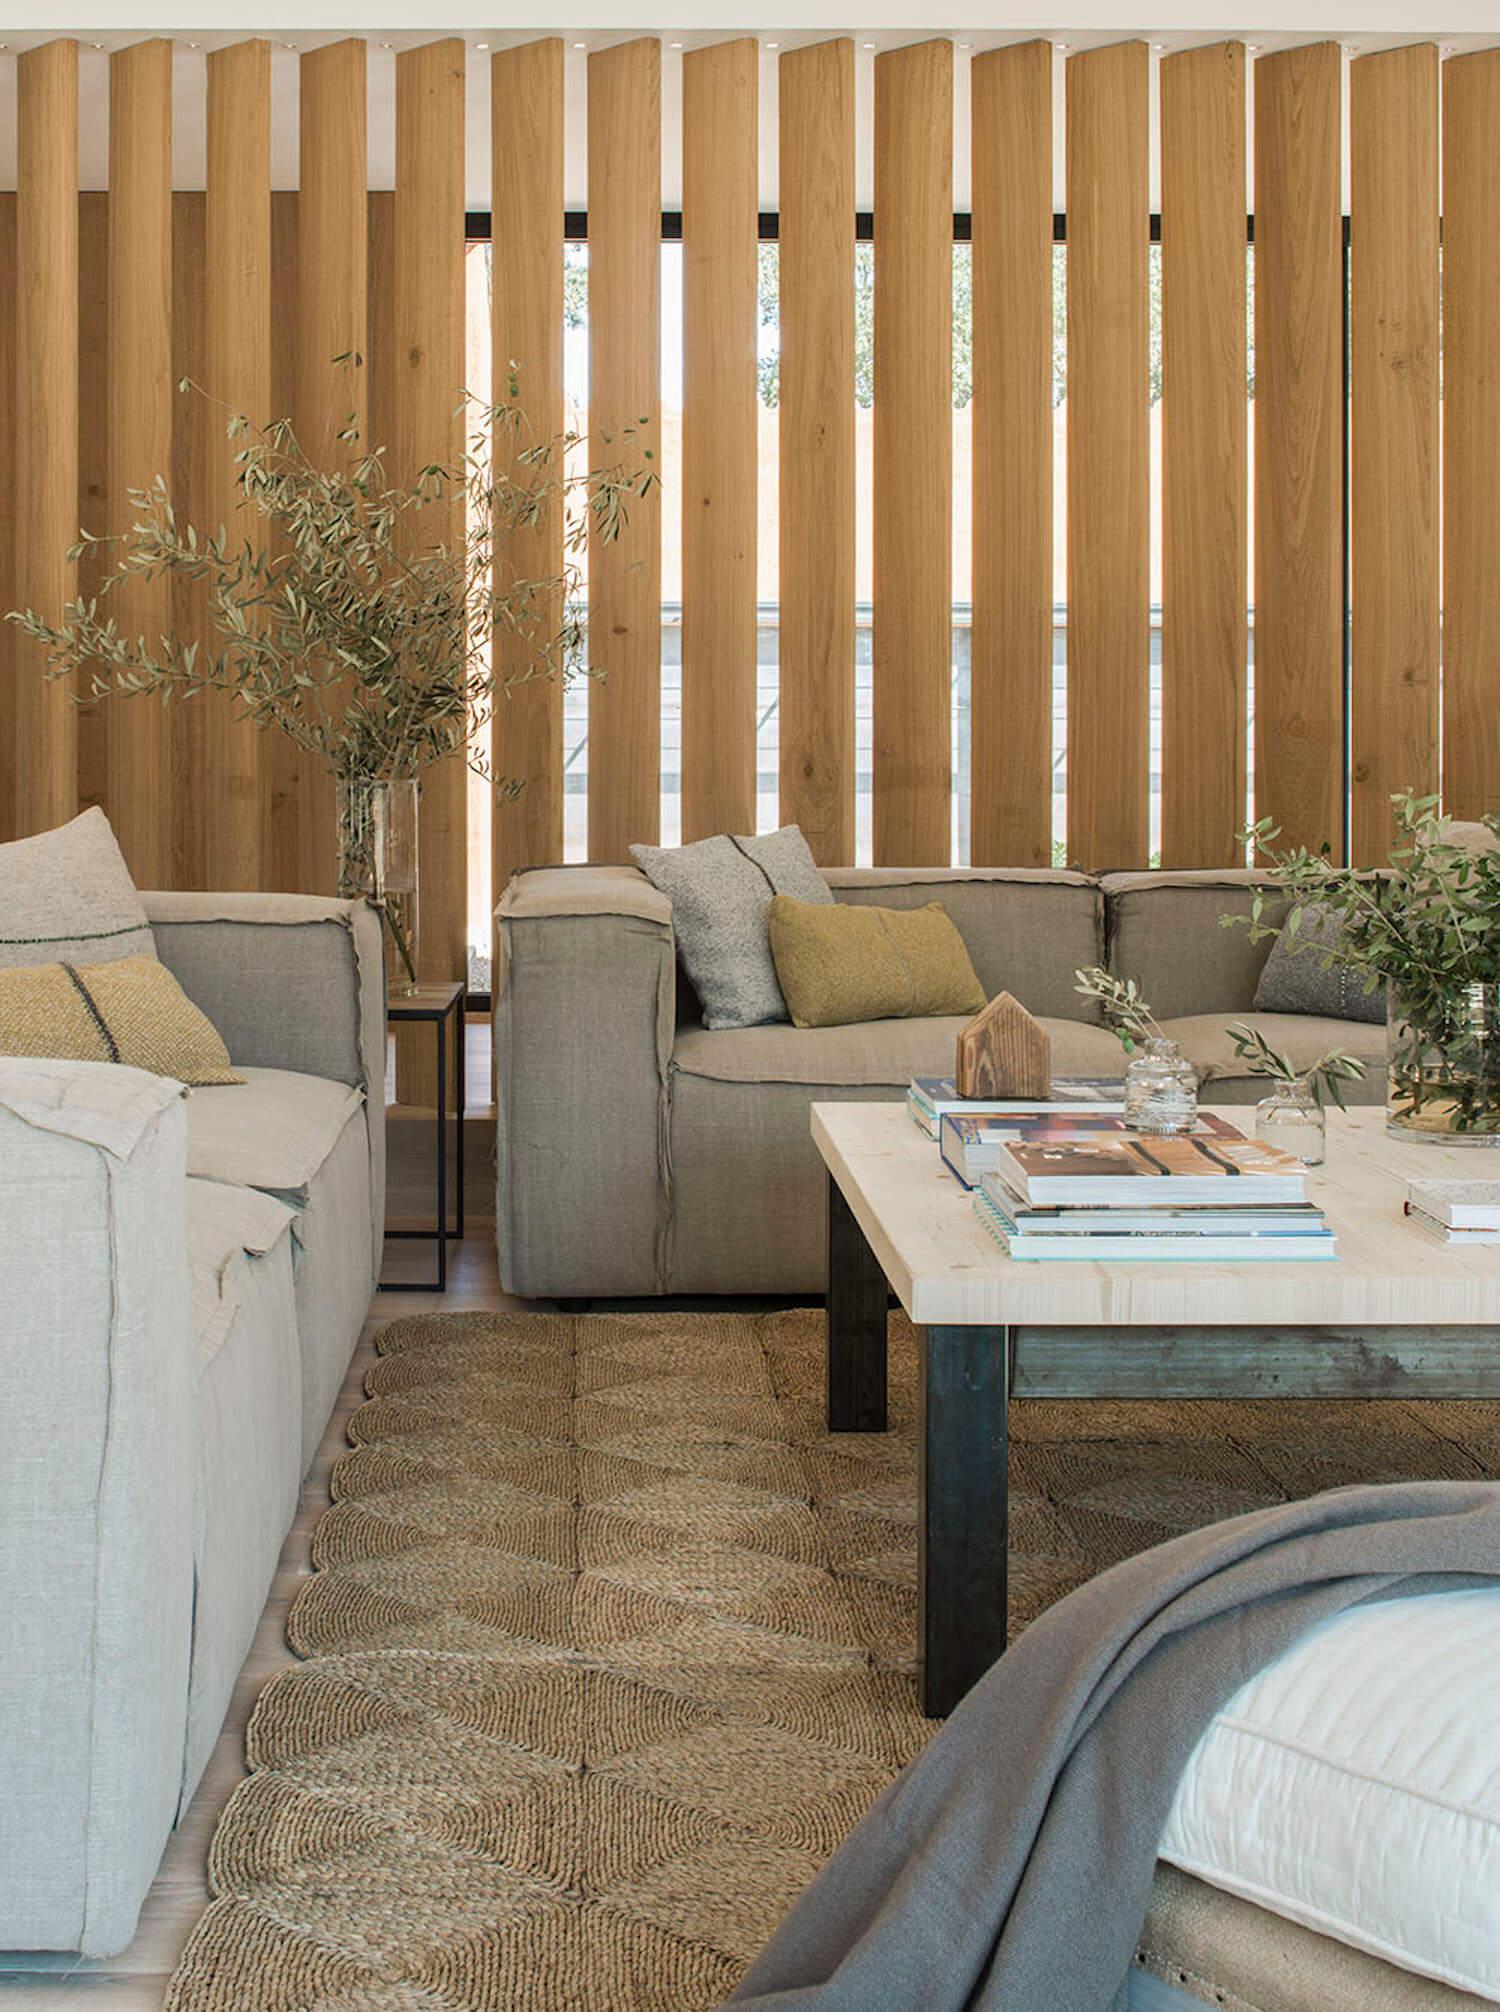 est living oxygen house susanna cots 4